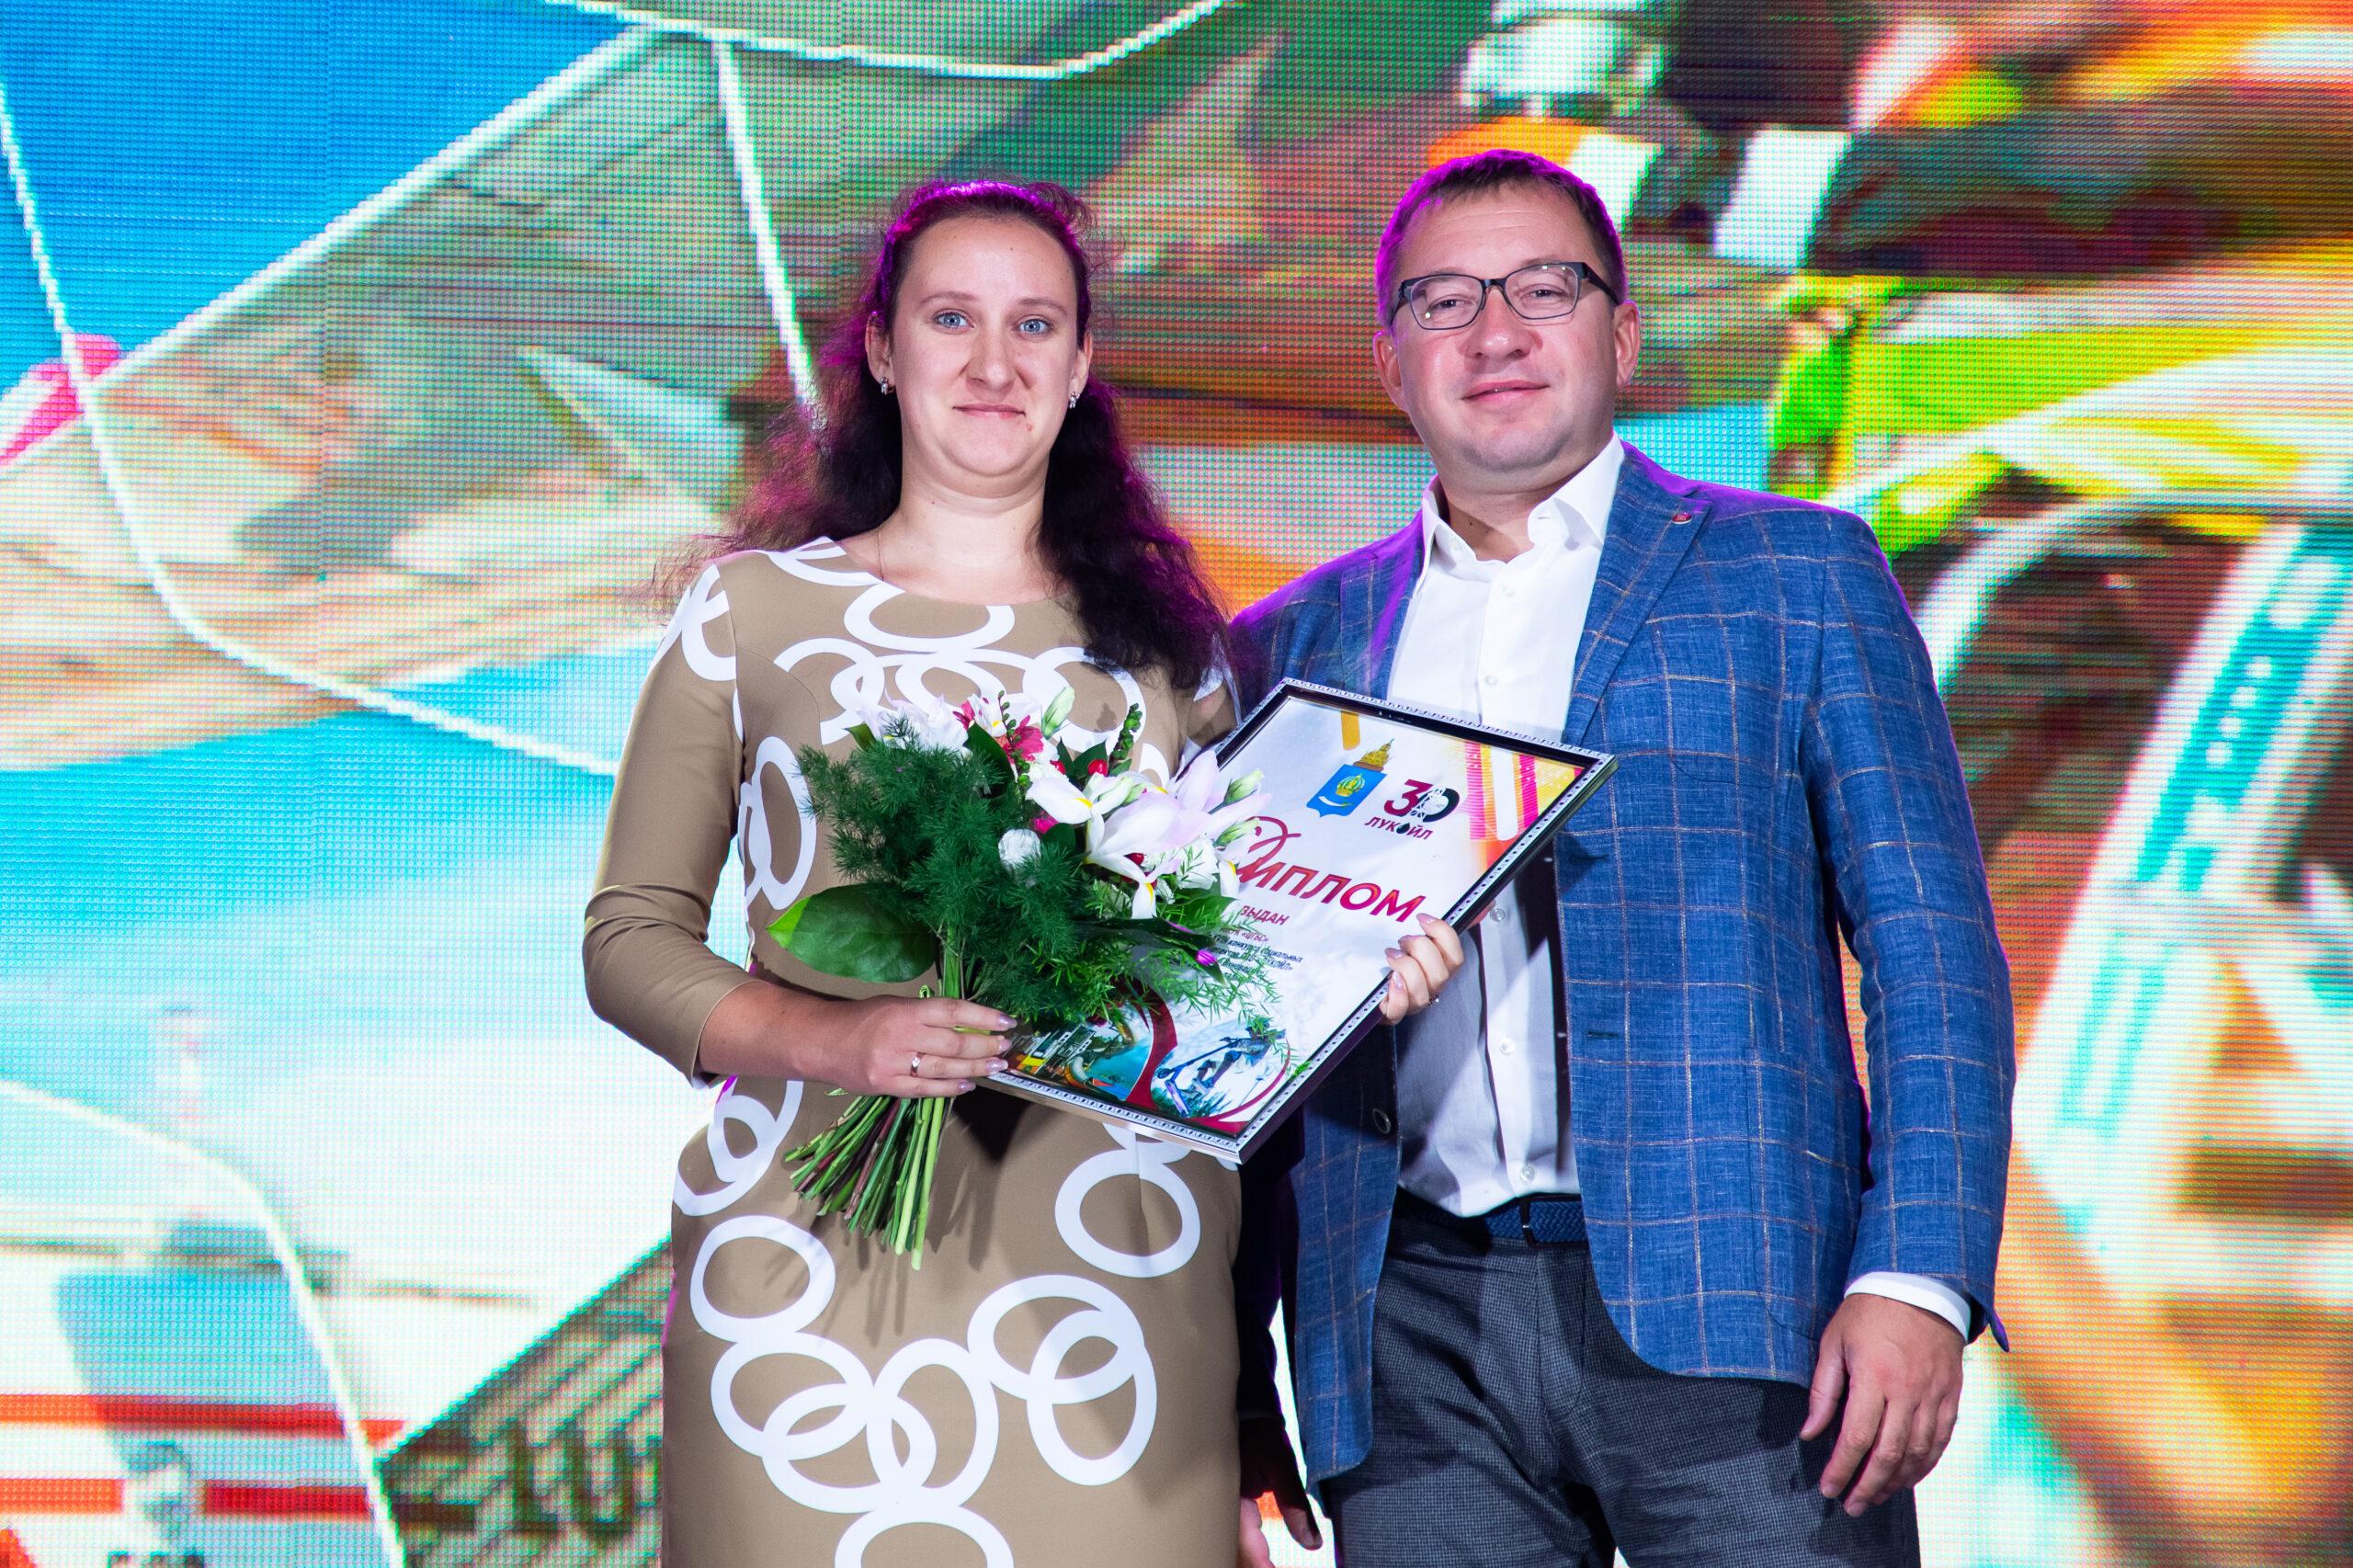 X9A2570 scaled Лучшие социальные проекты Астраханской области получили гранты от ЛУКОЙЛа